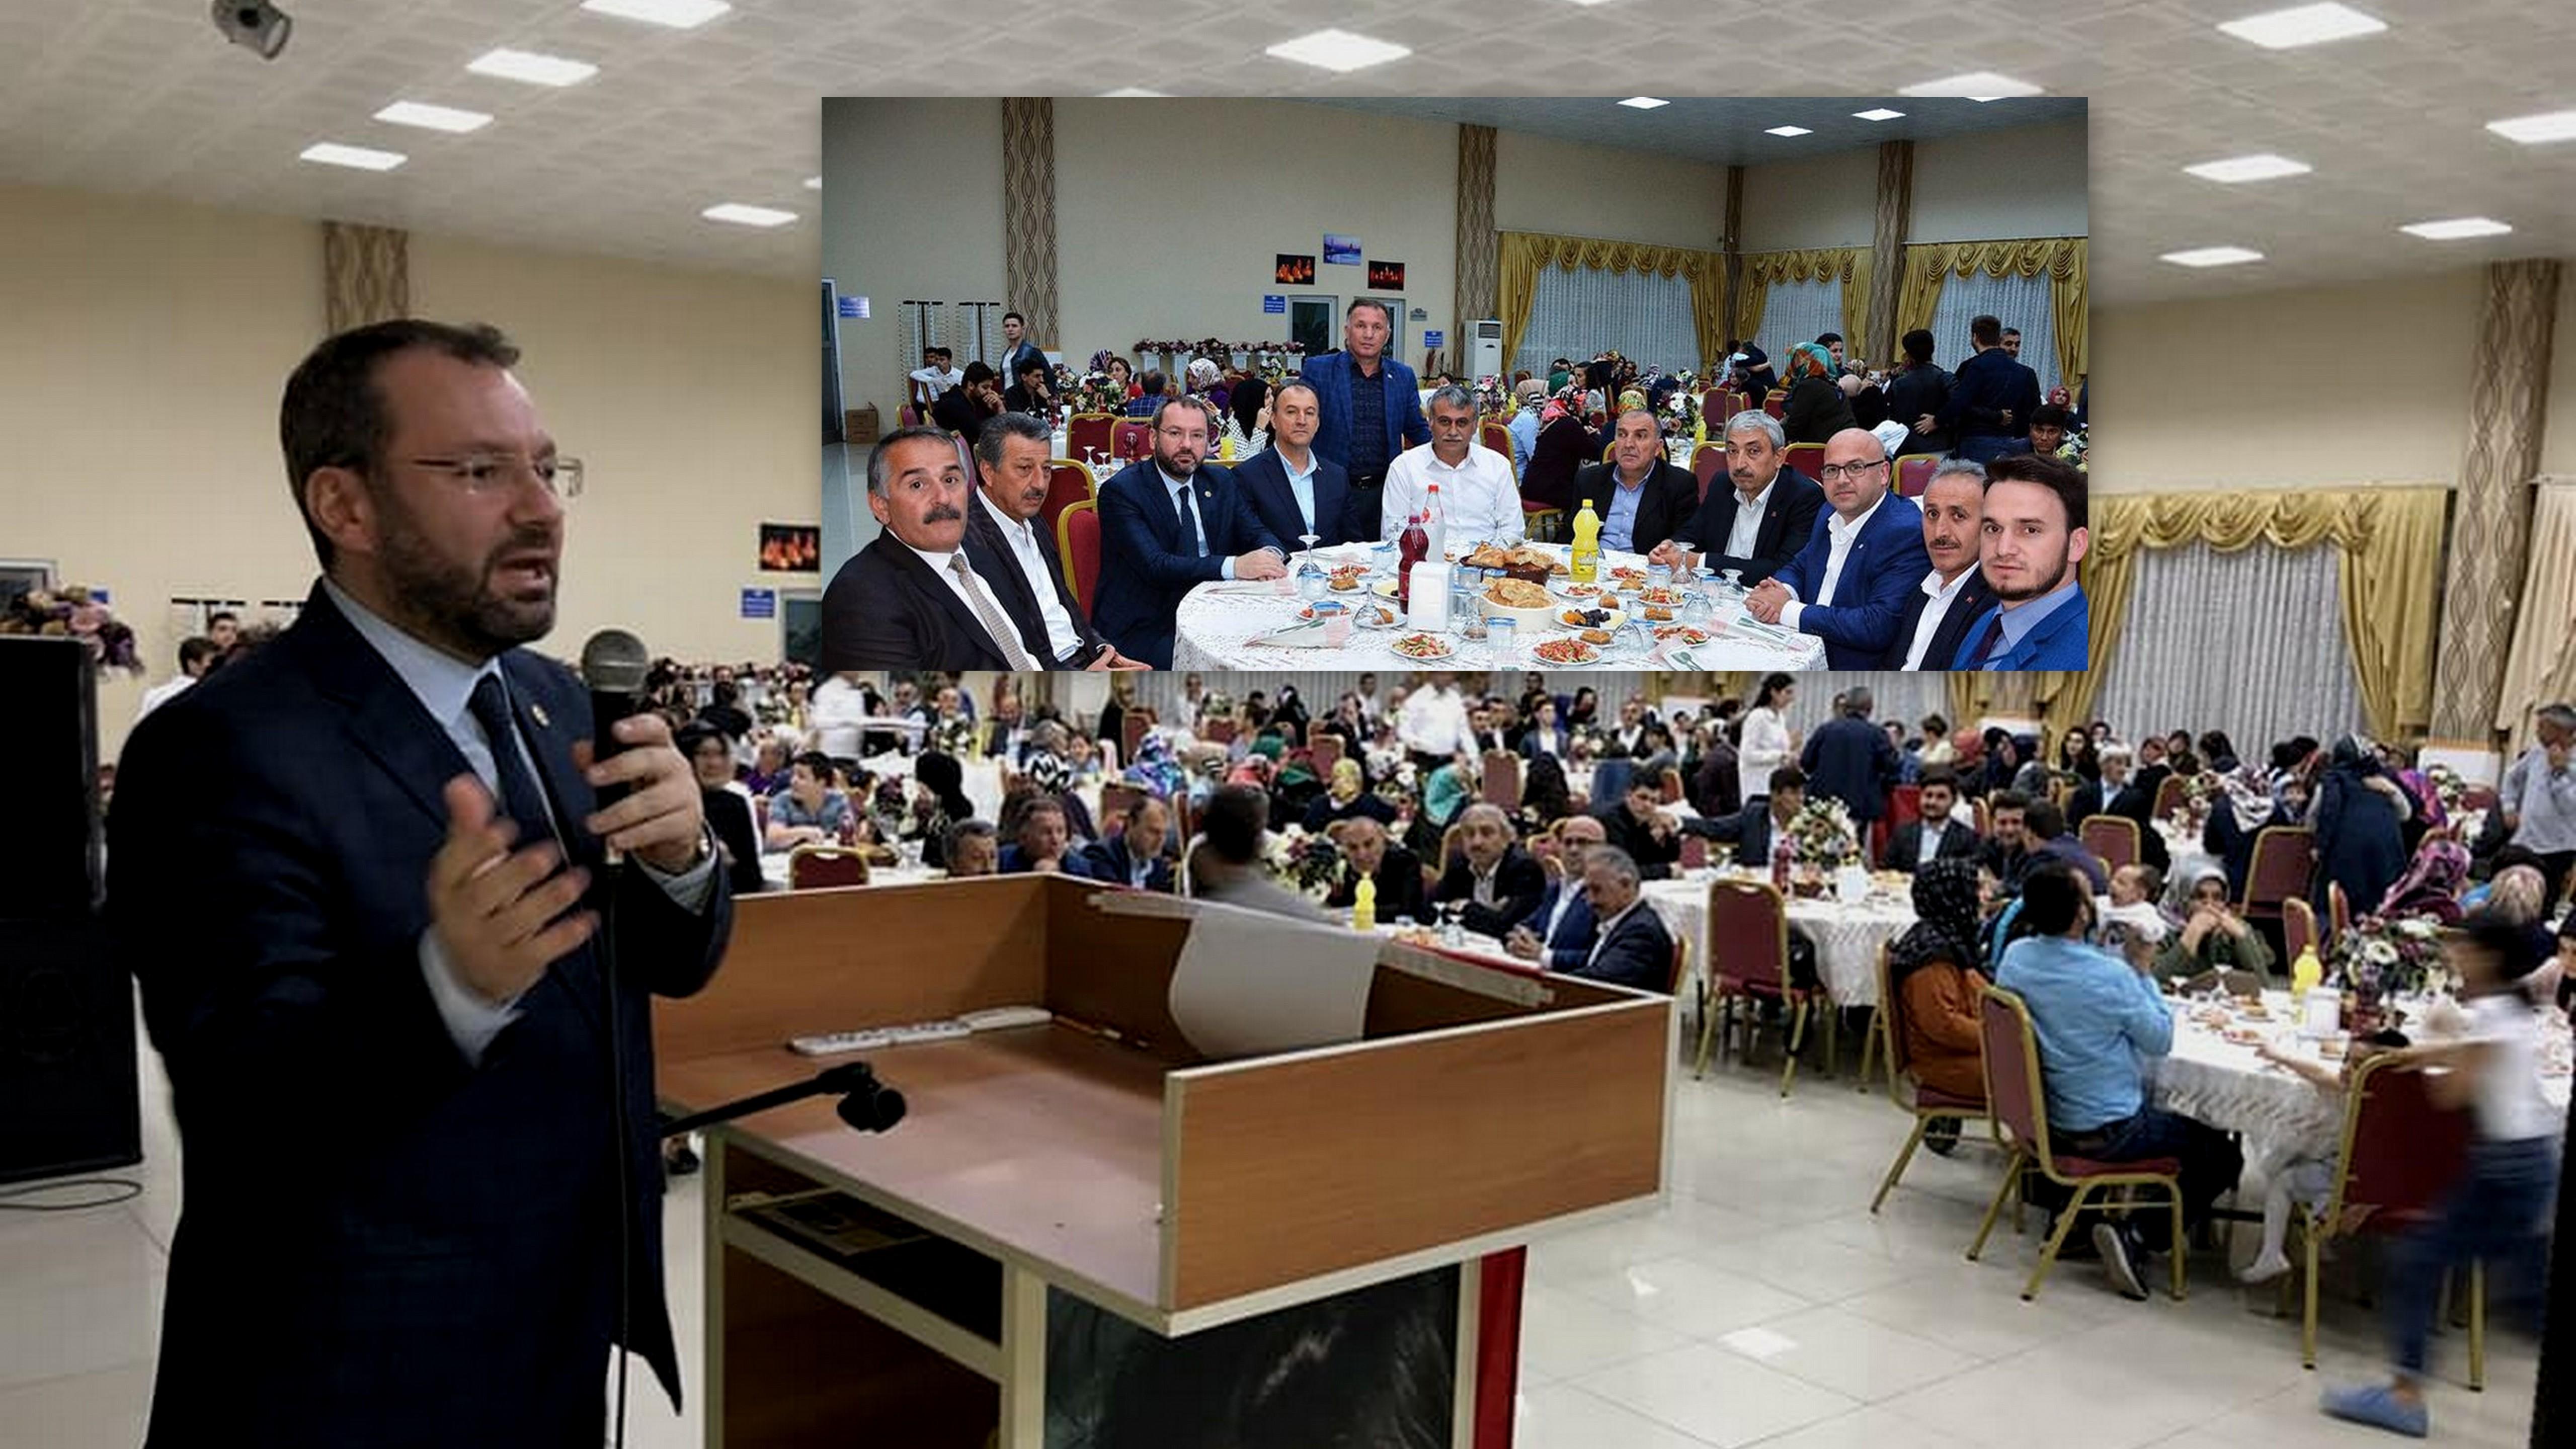 Beyler Köylülerinin Arifiye'de Geleneksel iftarı